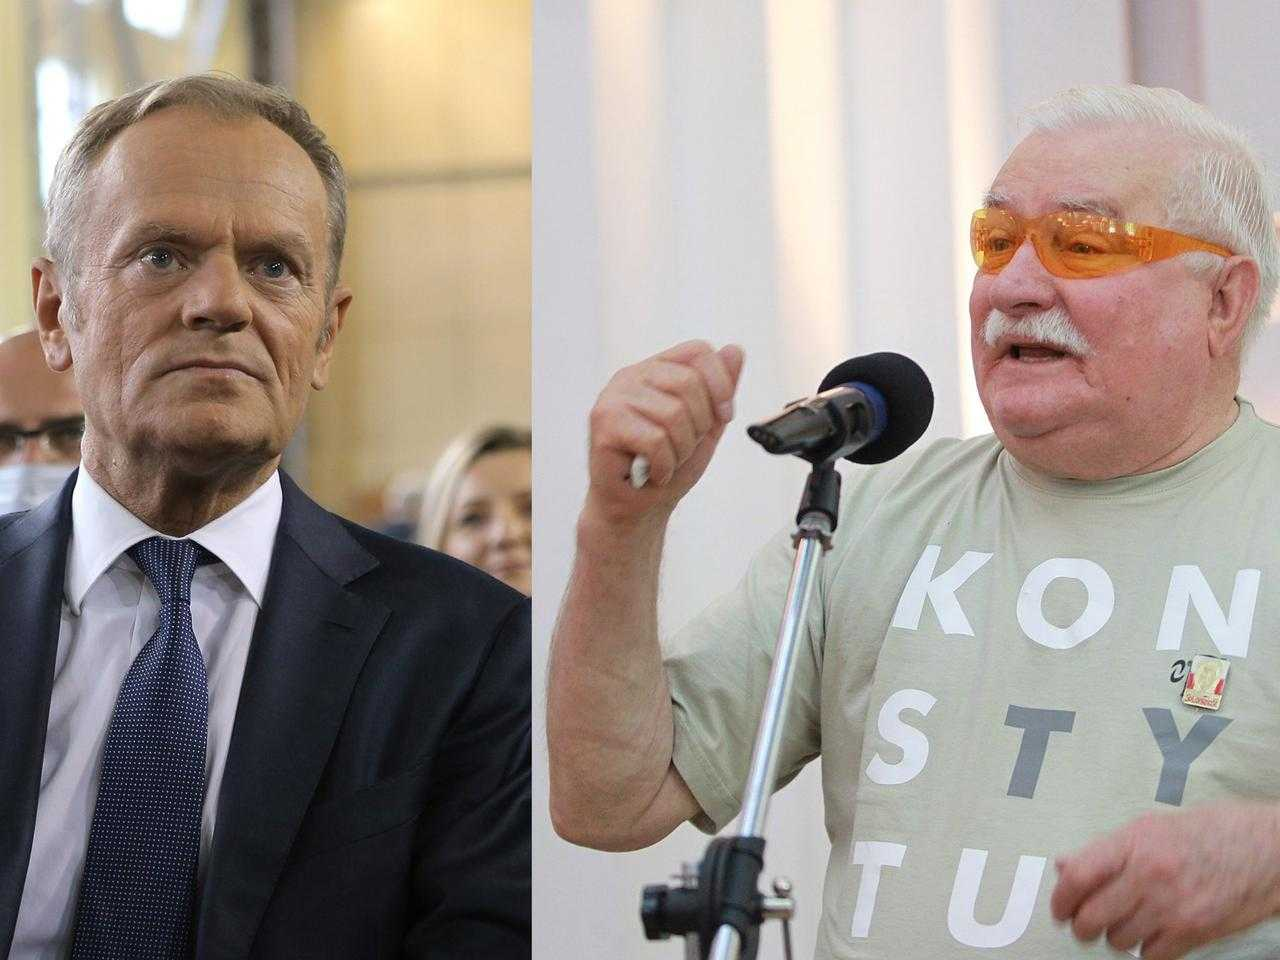 Lech Wałęsa poucza Donalda Tuska. Stanowcze słowa o szarpaniu